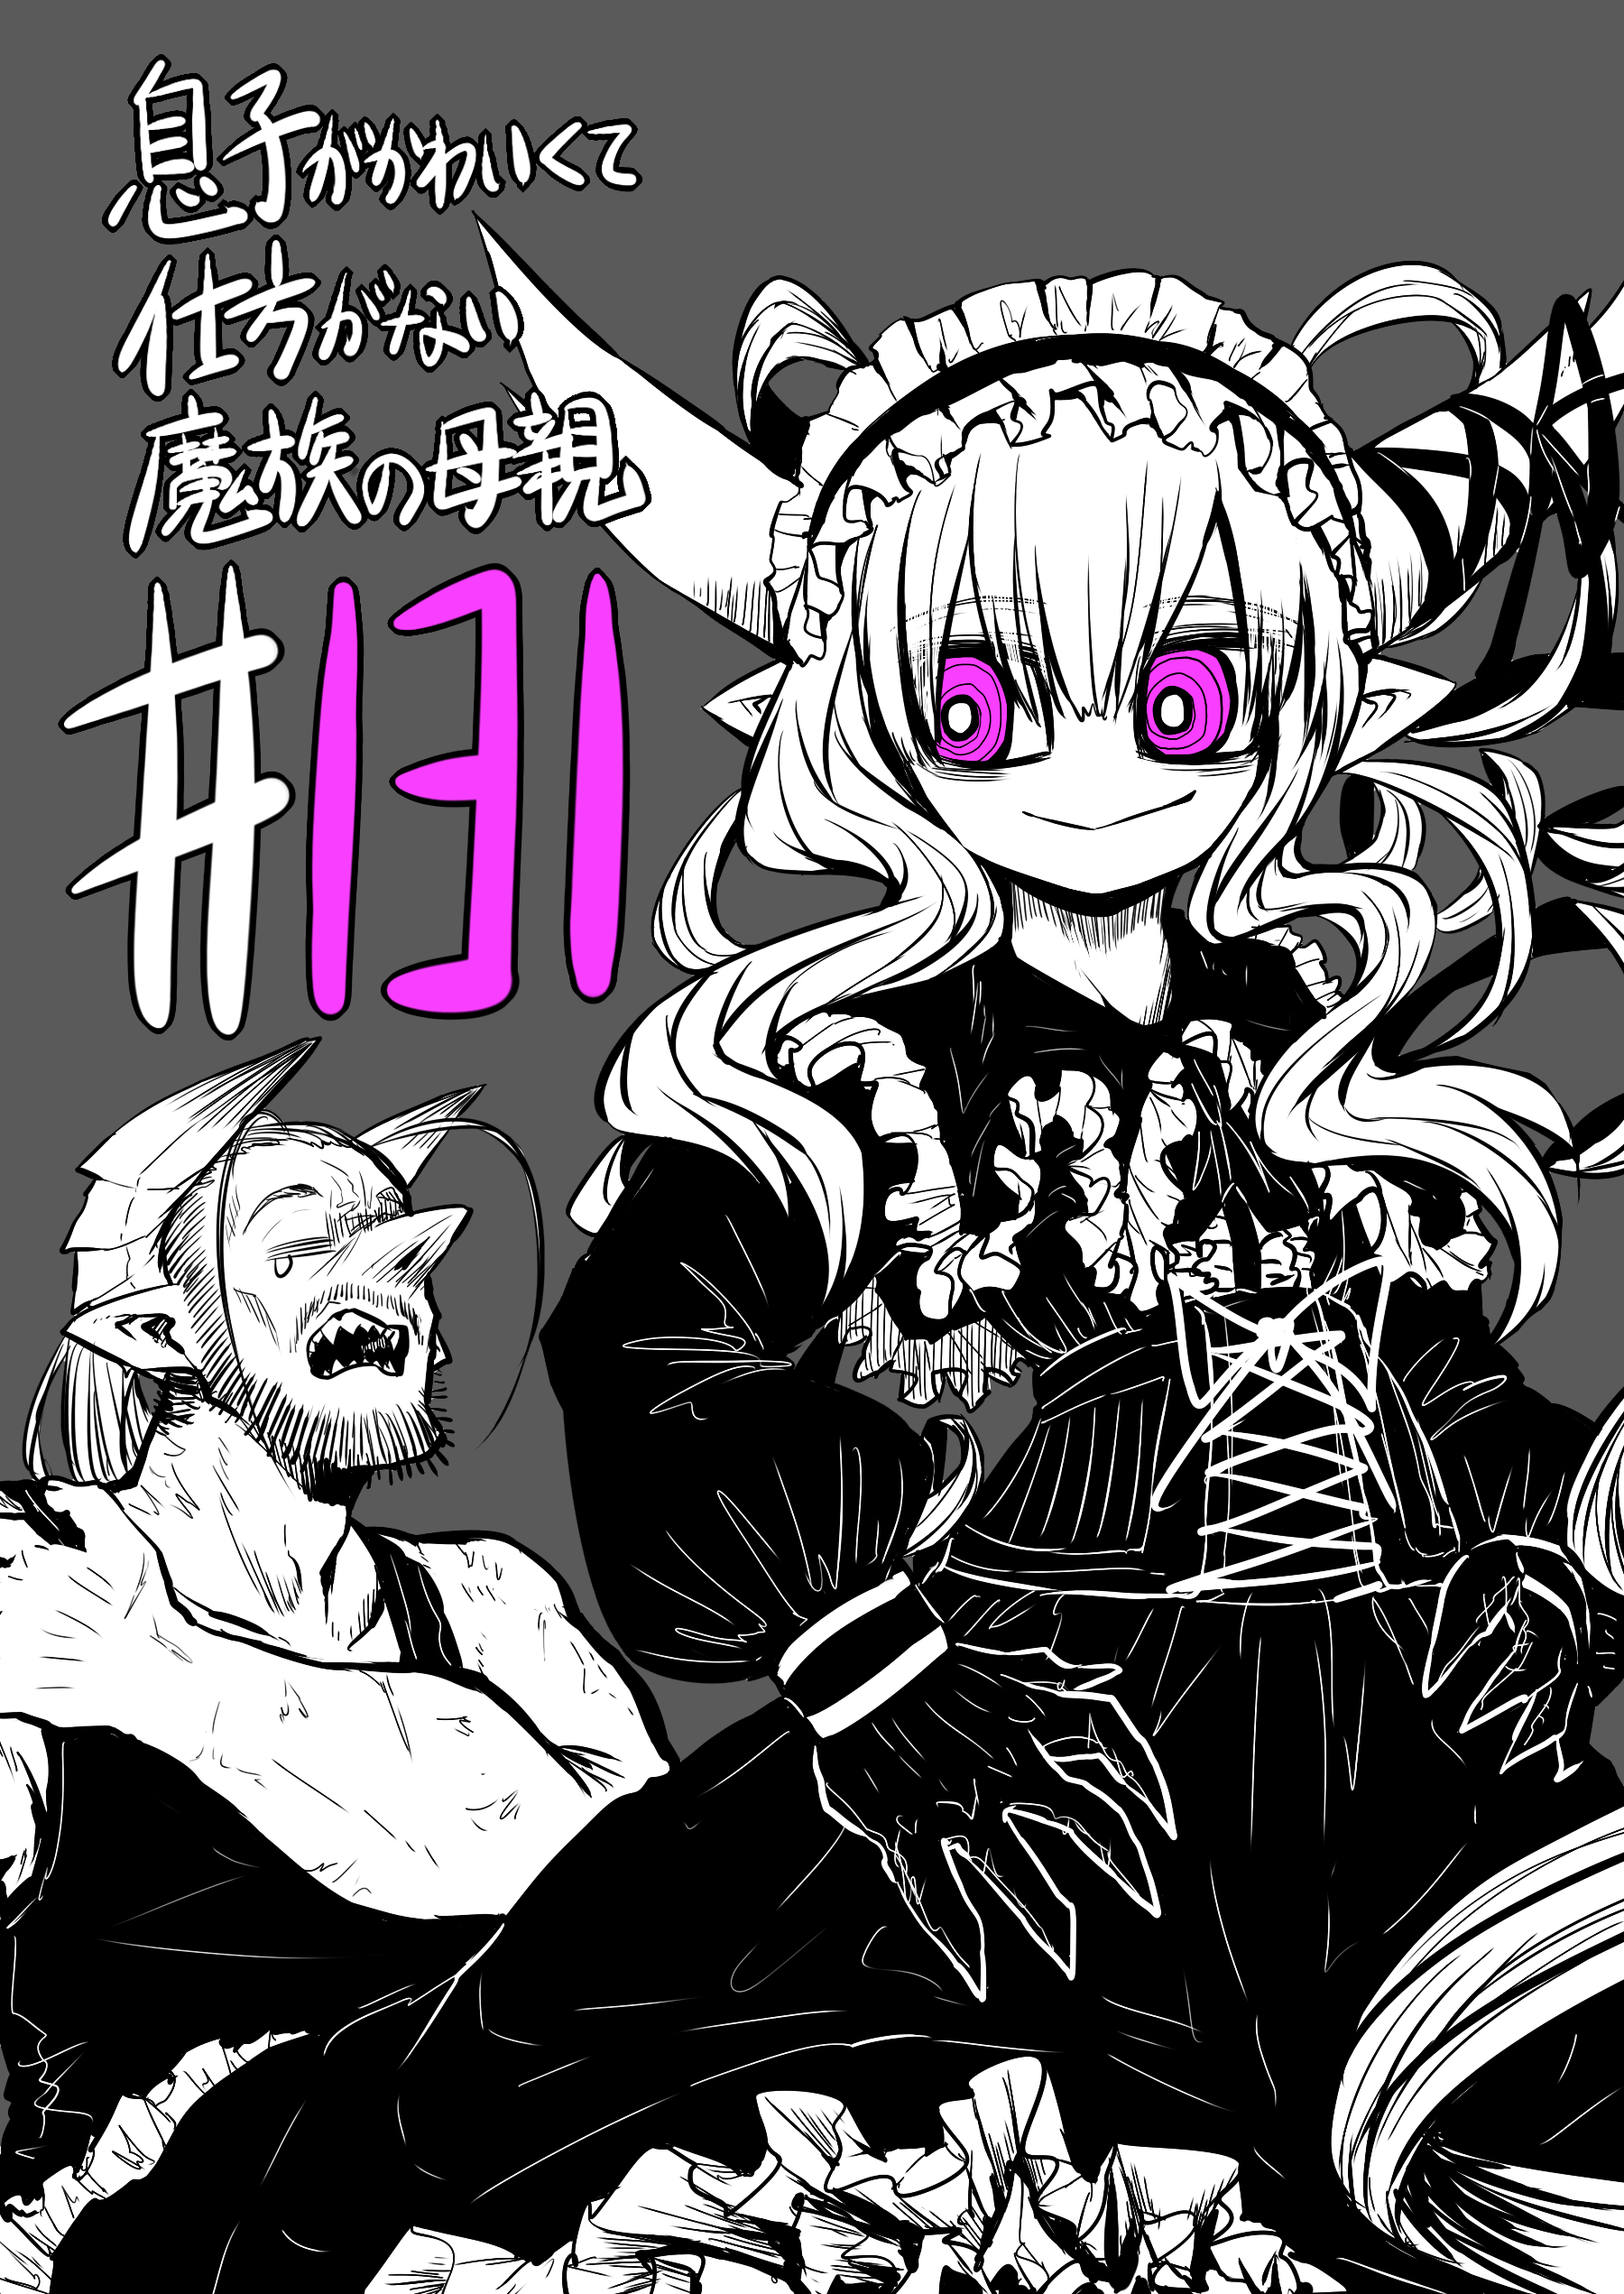 Manga Musuko ga Kawaikute Shikataganai Mazoku no Hahaoya - Chapter 131 Page 1